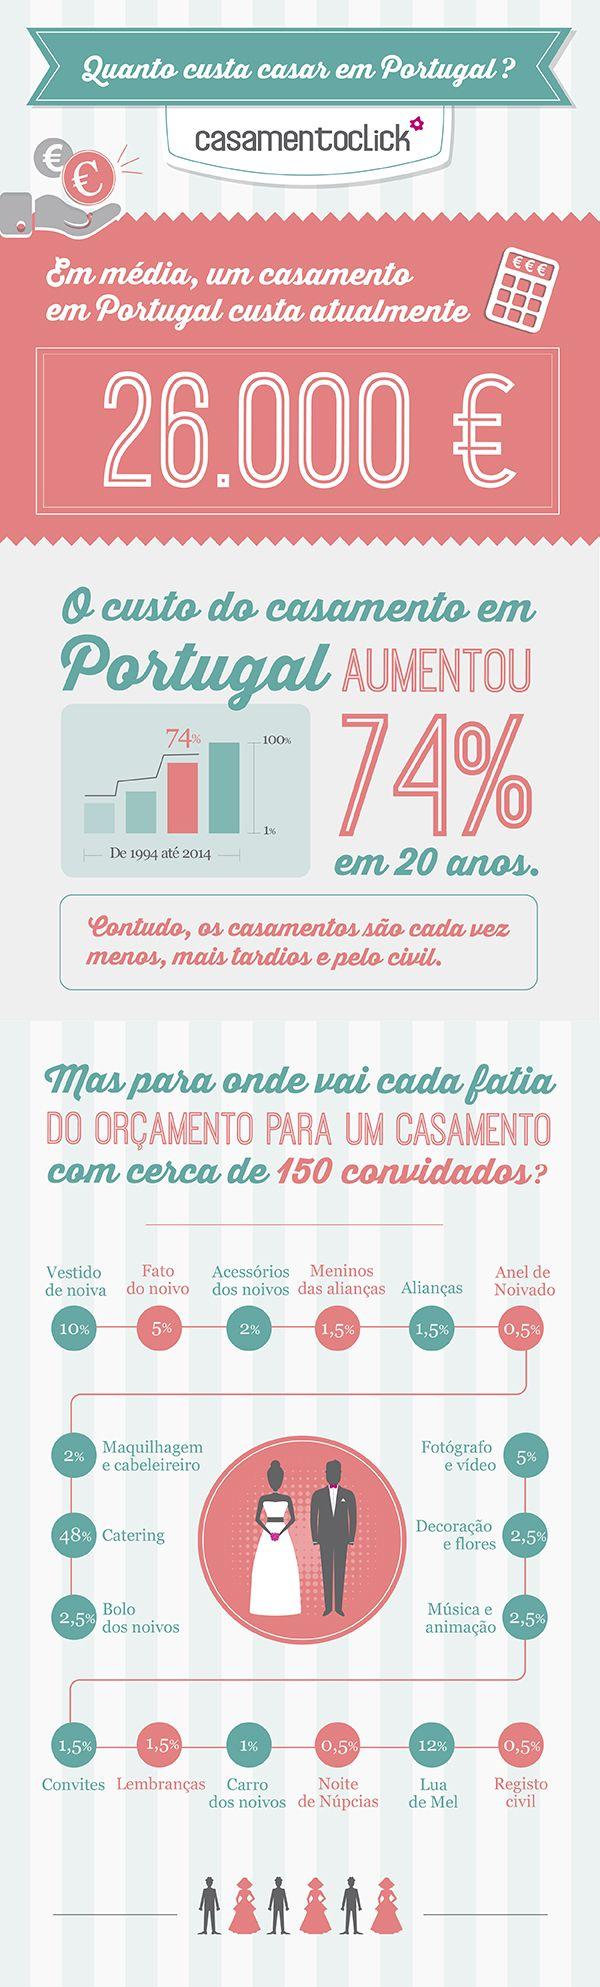 Quanto custa um casamento em Portugal